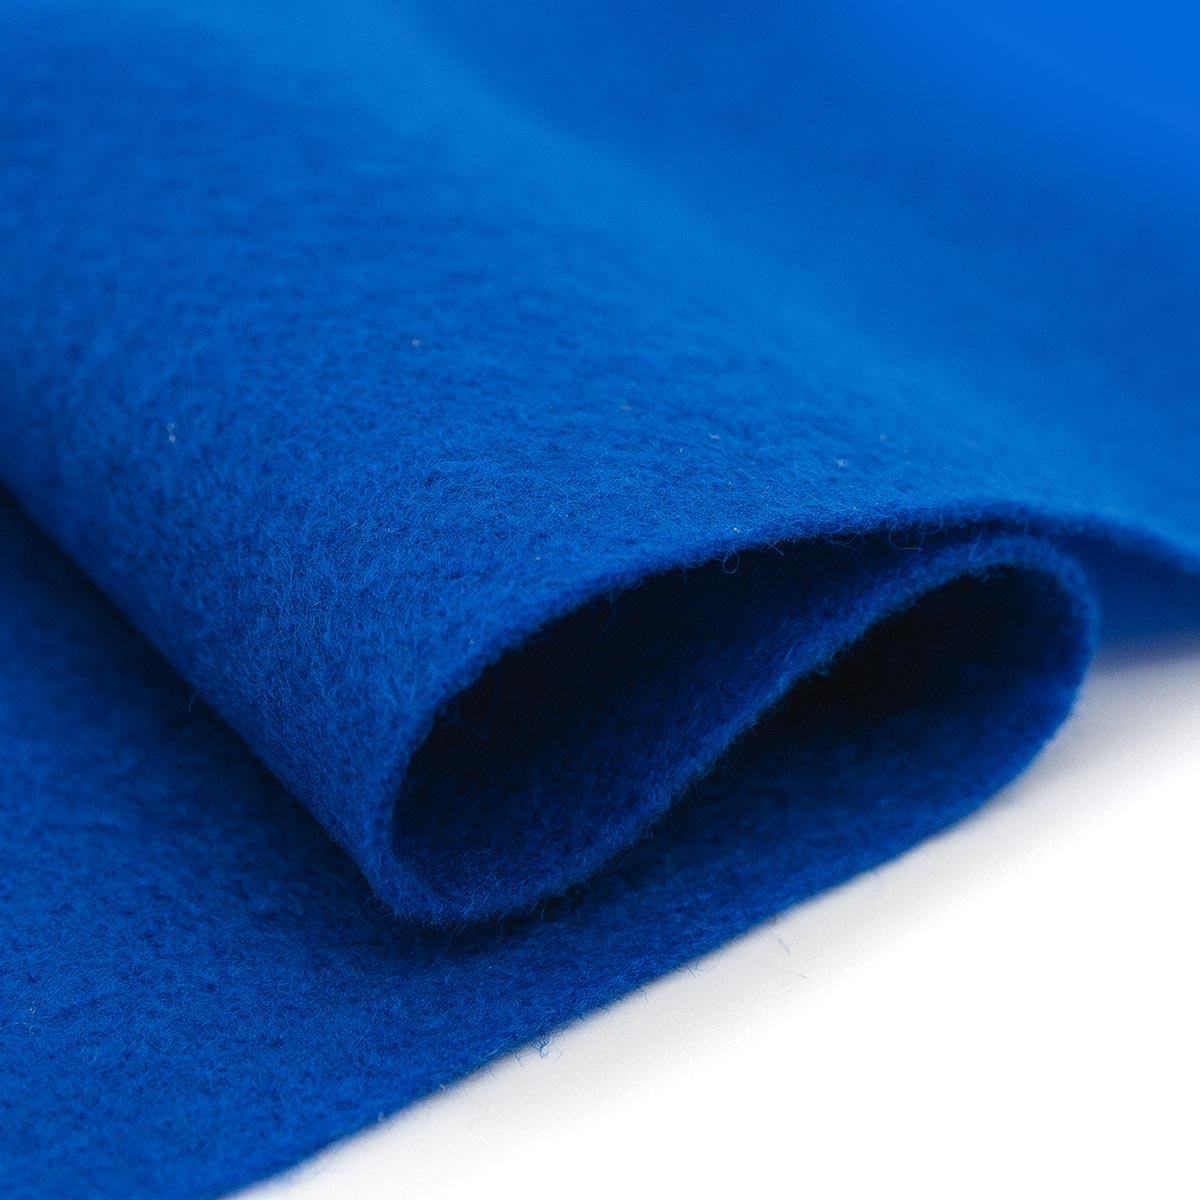 61212643 Фетр для творчества, синий, 2мм, 20x30см, уп./1шт. Glorex